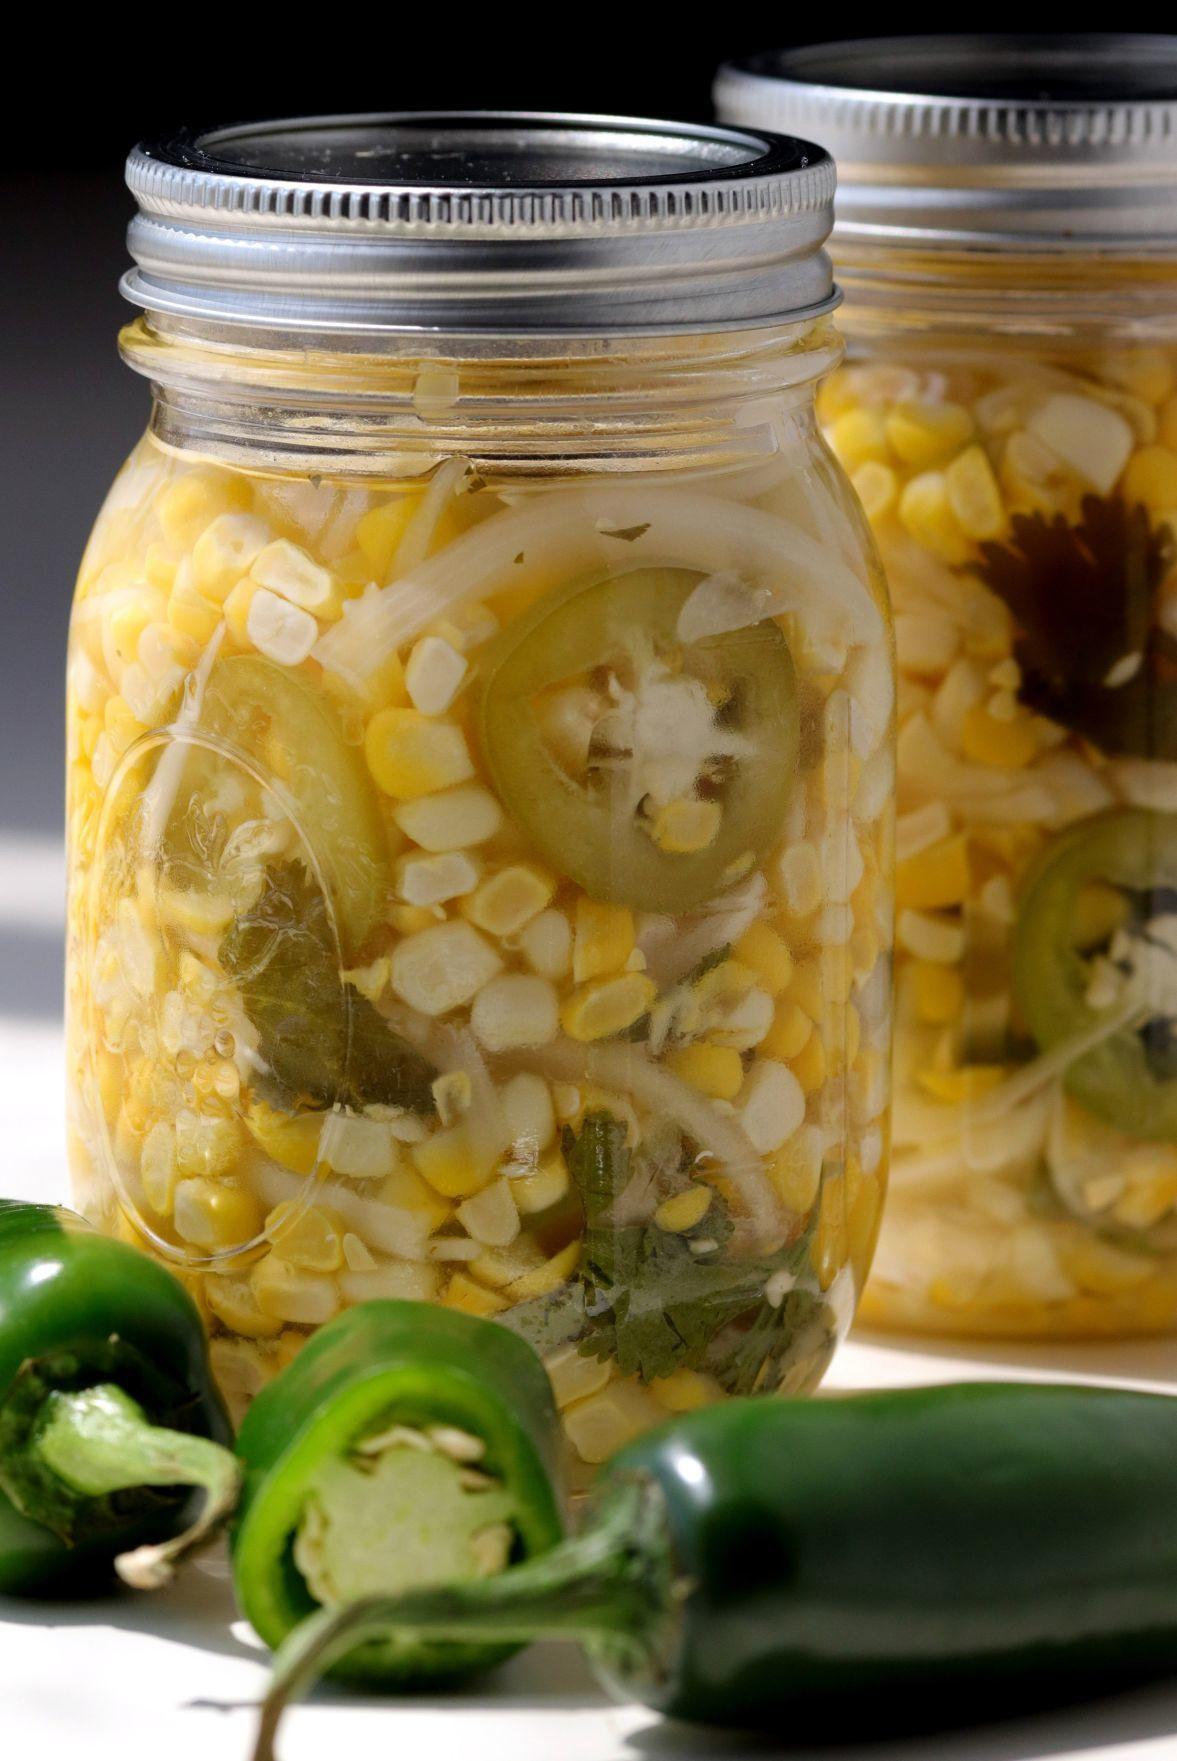 Jalapeno recipes